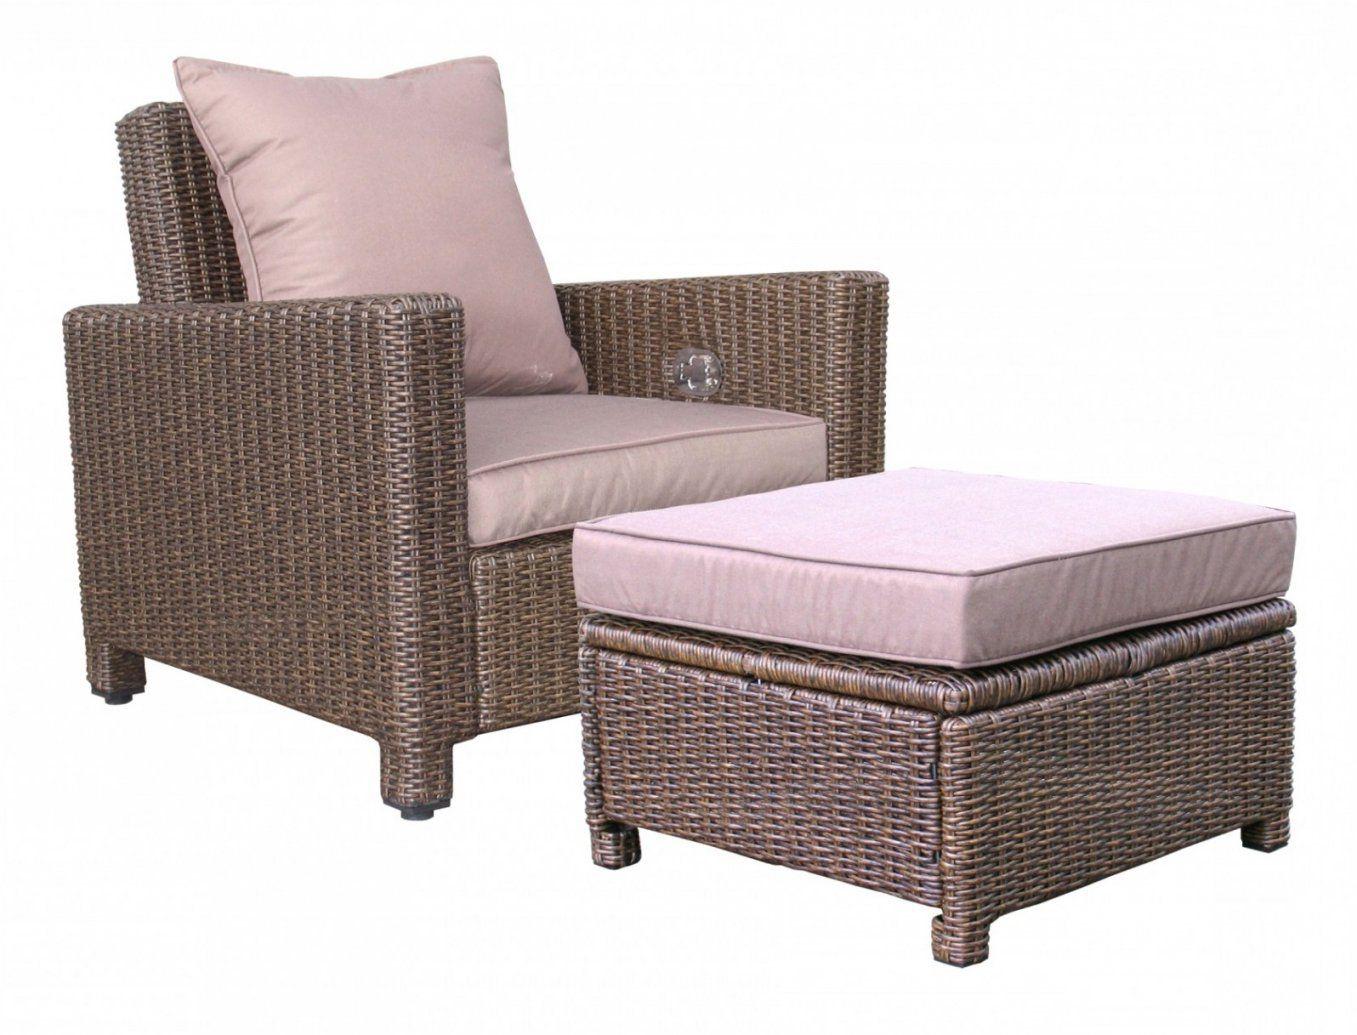 Cool Esstisch Sessel Modern Zum Moderne Sessel Design  Sessel & Kamine von Polyrattan Sessel Verstellbarer Rückenlehne Bild